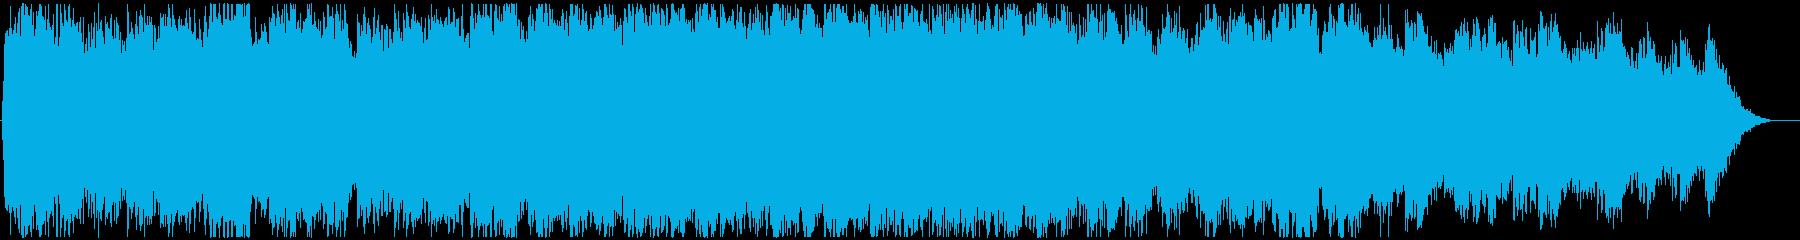 切なく感動的なバラードの再生済みの波形